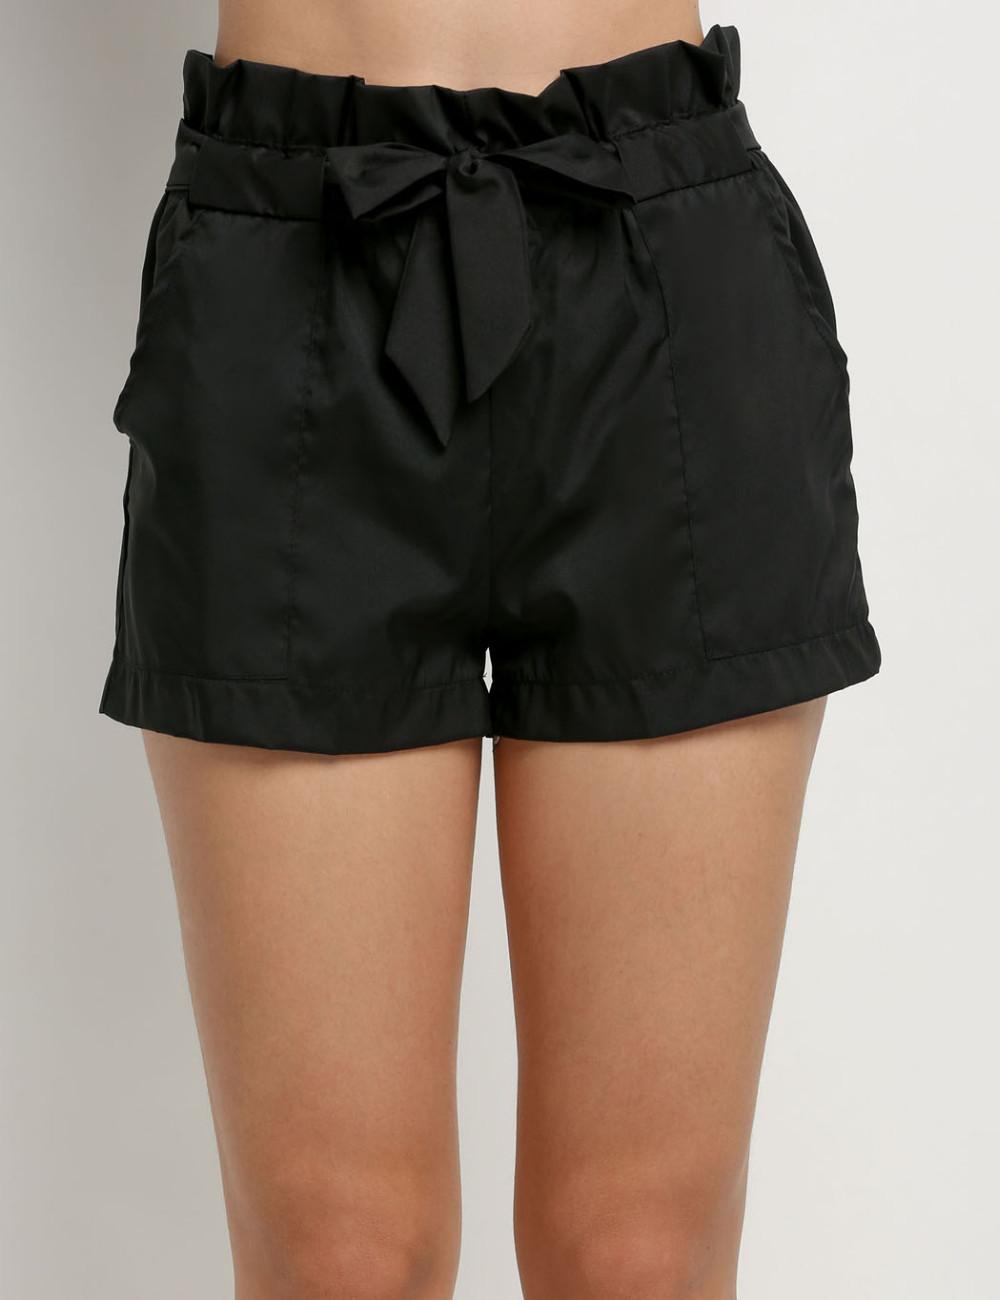 HTB1s7QLNFXXXXX4XFXXq6xXFXXXB - High Waist Shorts Loose Shorts With Belt Woman PTC 59